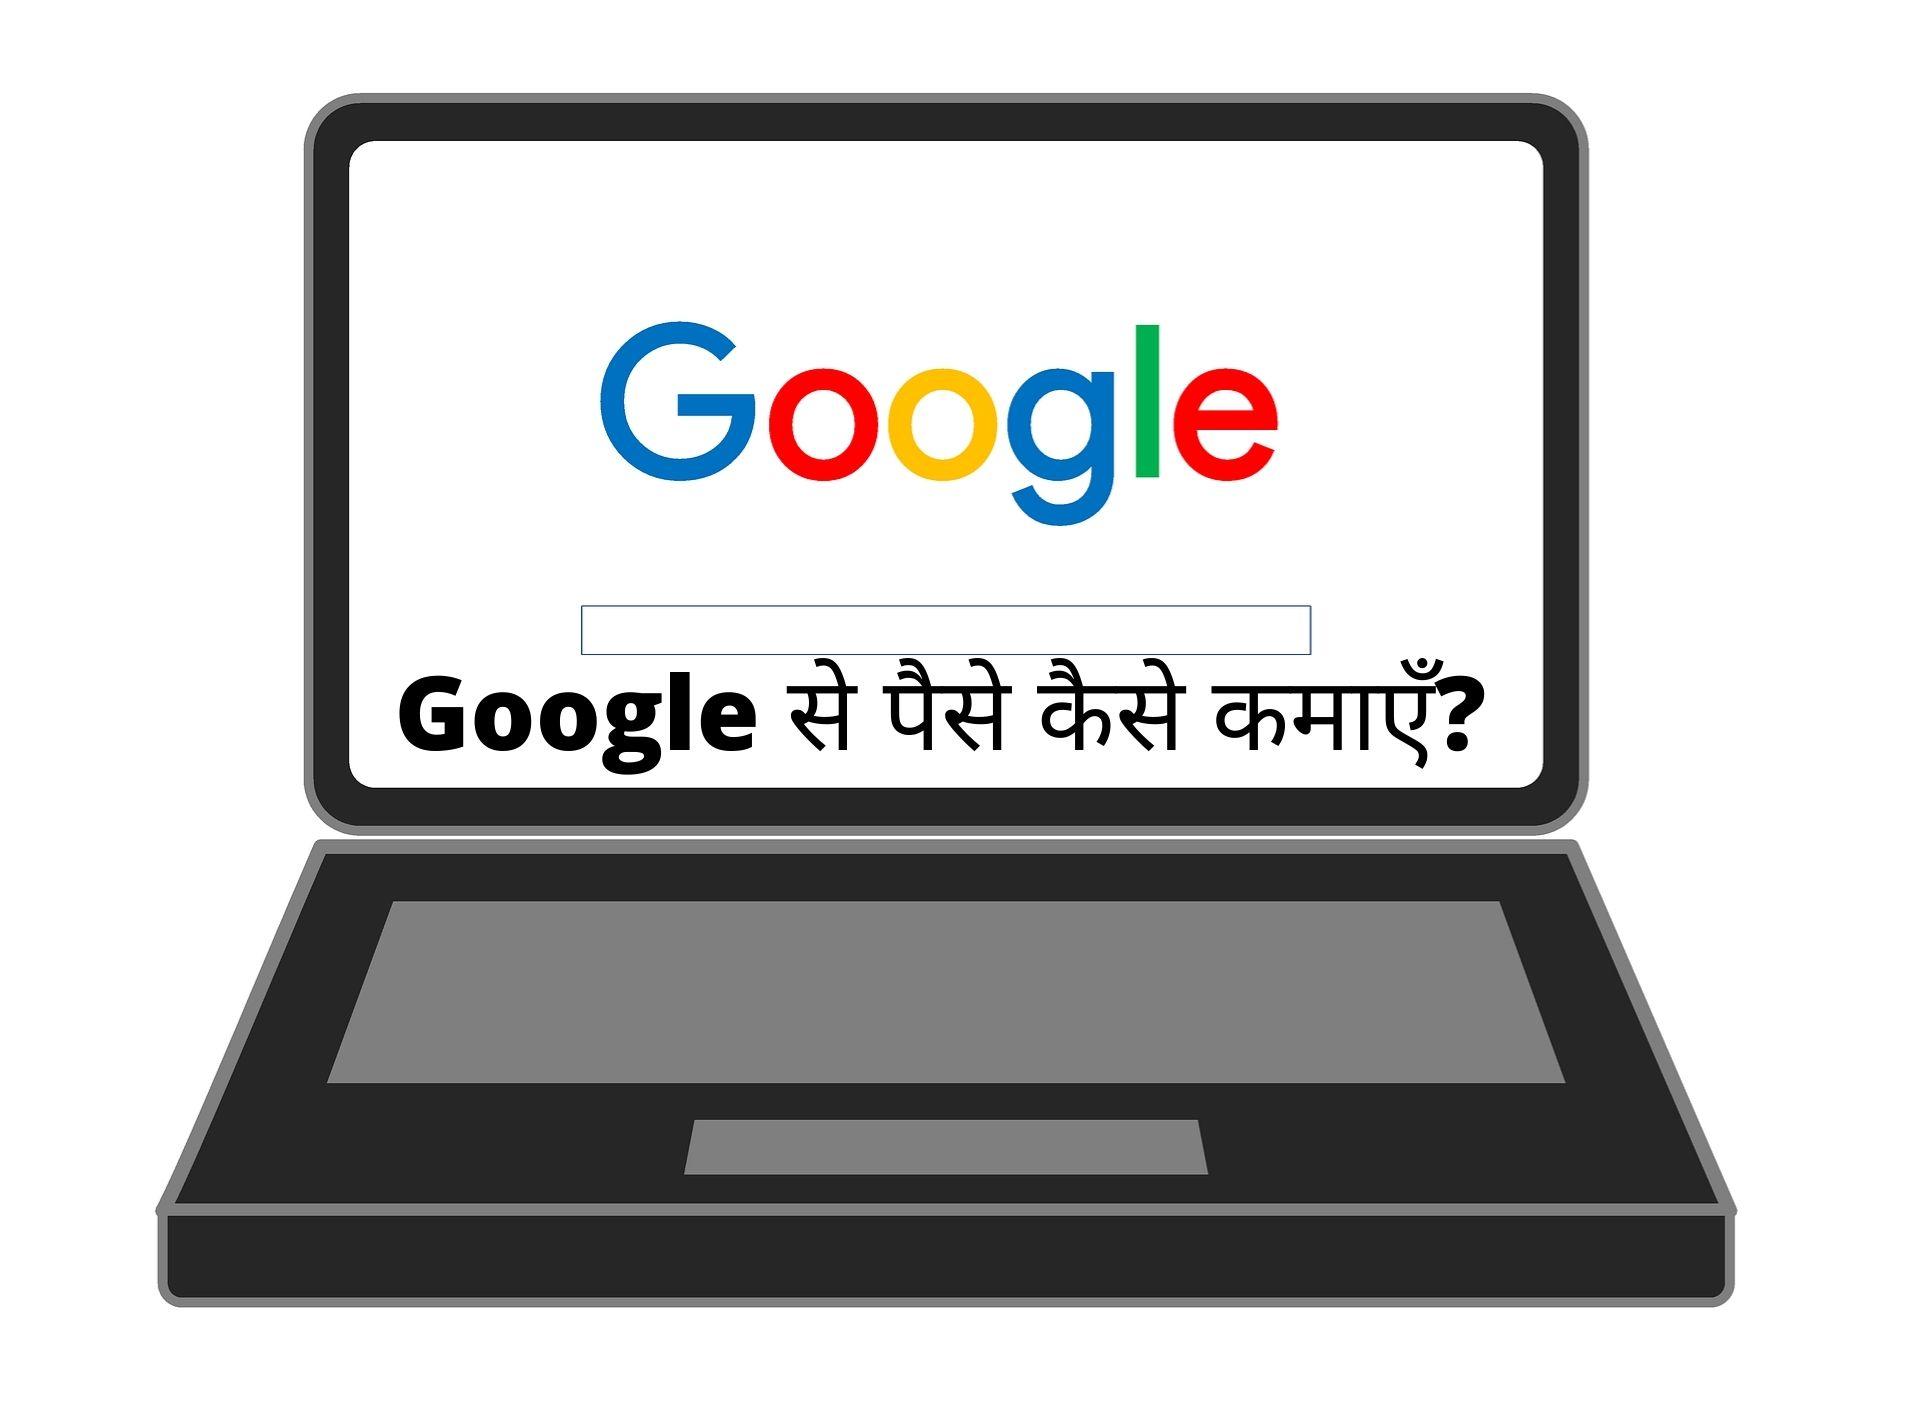 Google से पैसे कैसे कमाएँ?